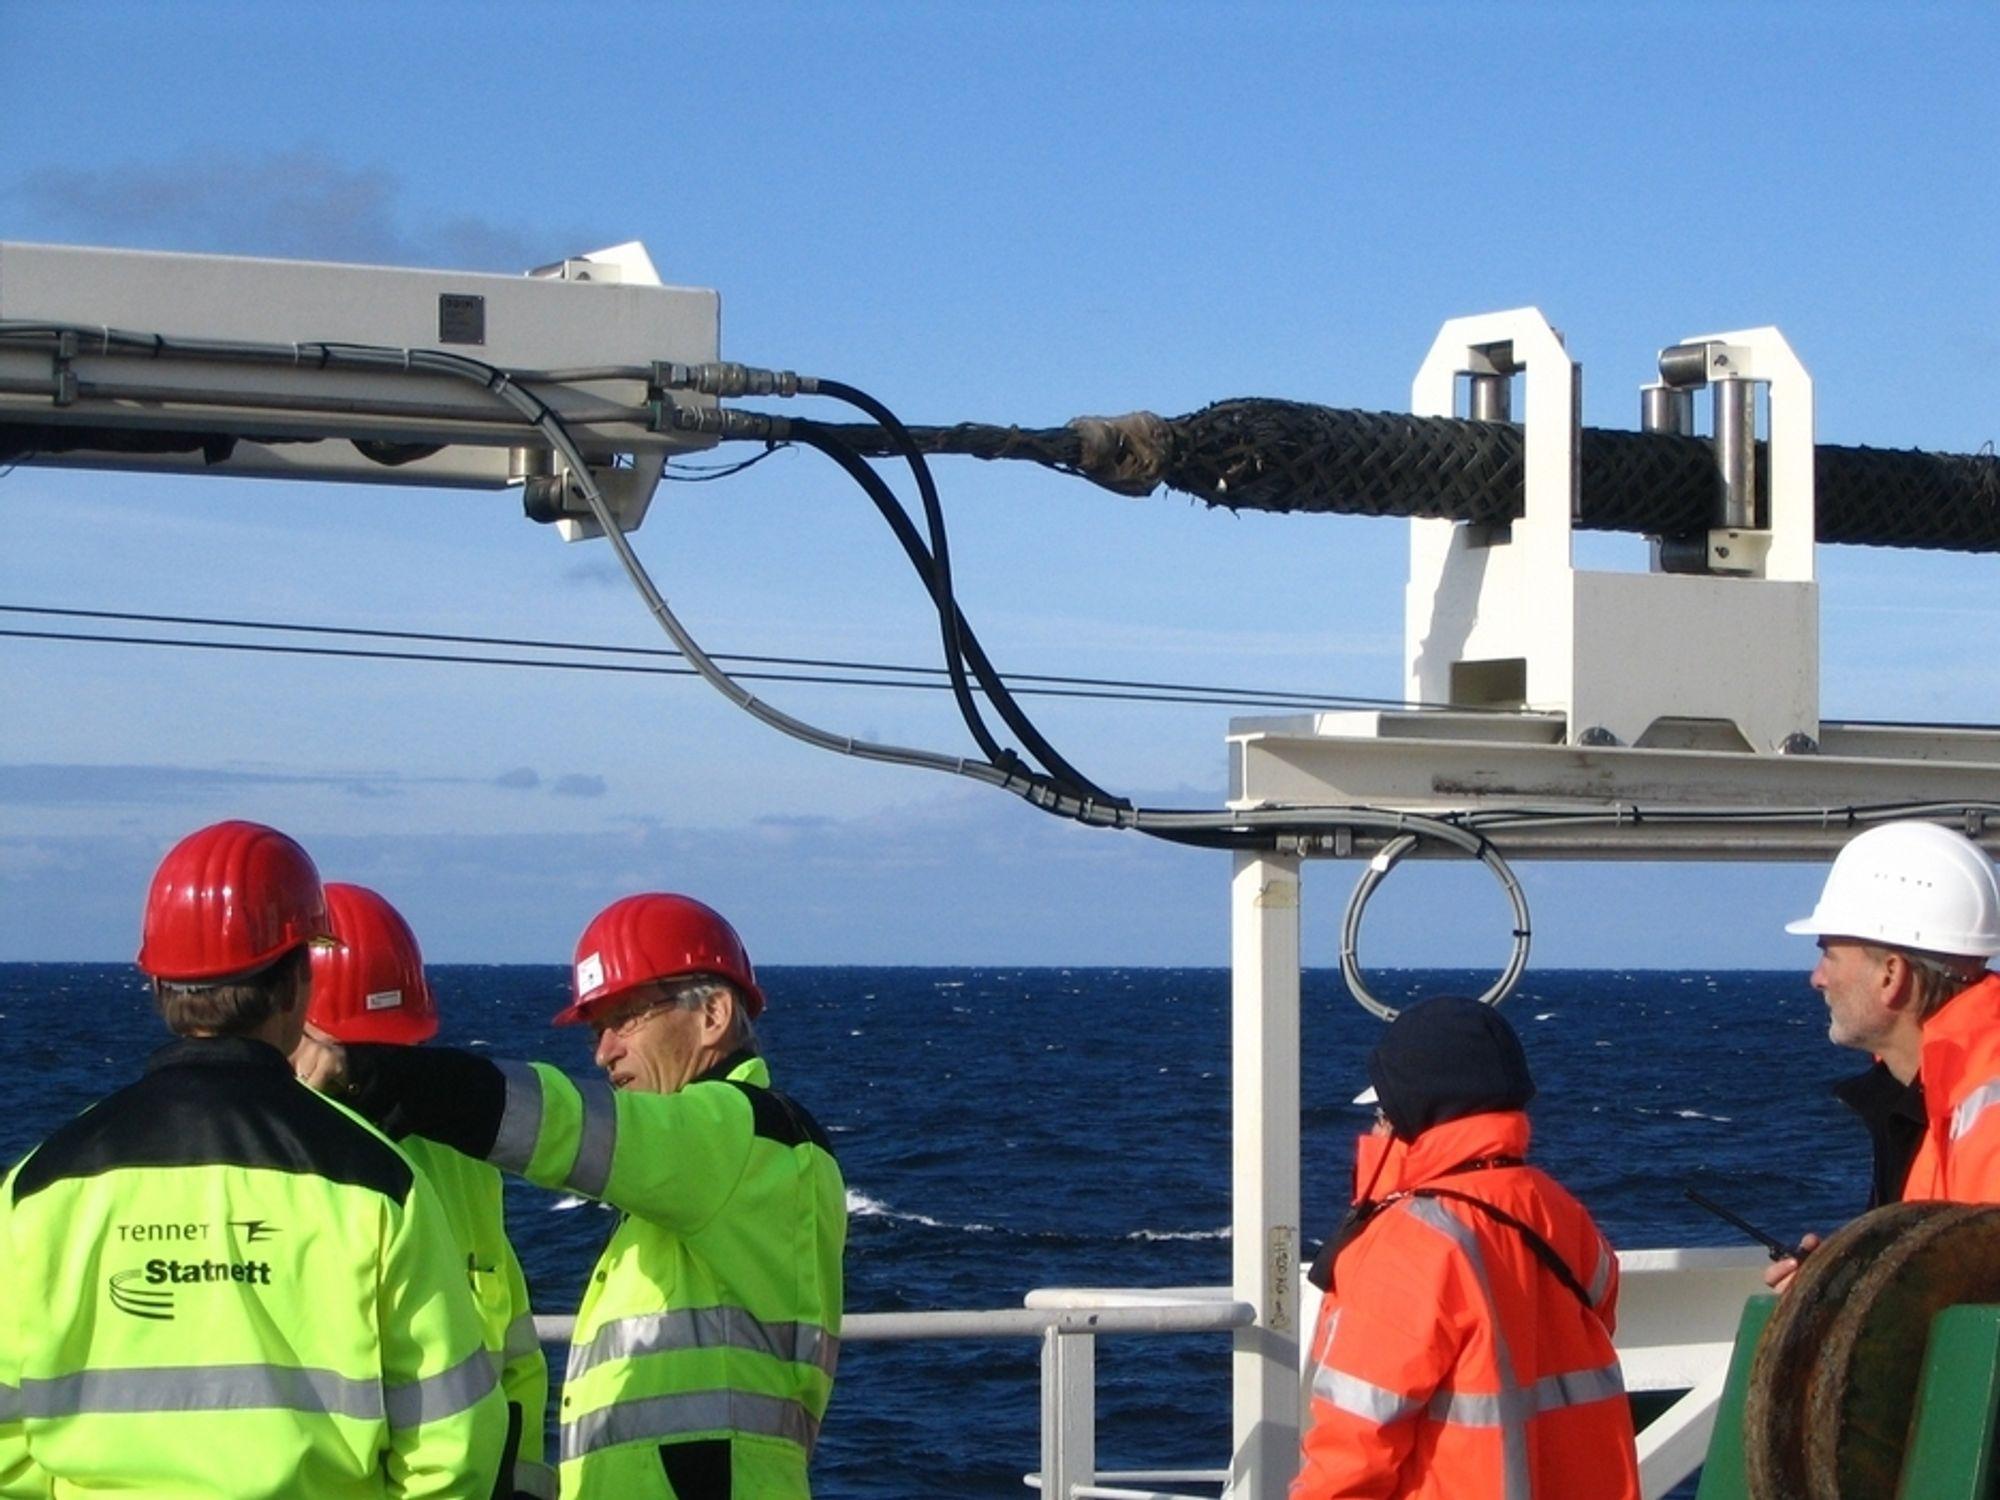 Norned-kabelen har gitt store inntekter til norsk kraftbransje. Nå får den sannsynligvis redusert kapasitet i vinter, til kraftprodusentenes store ergrelse.